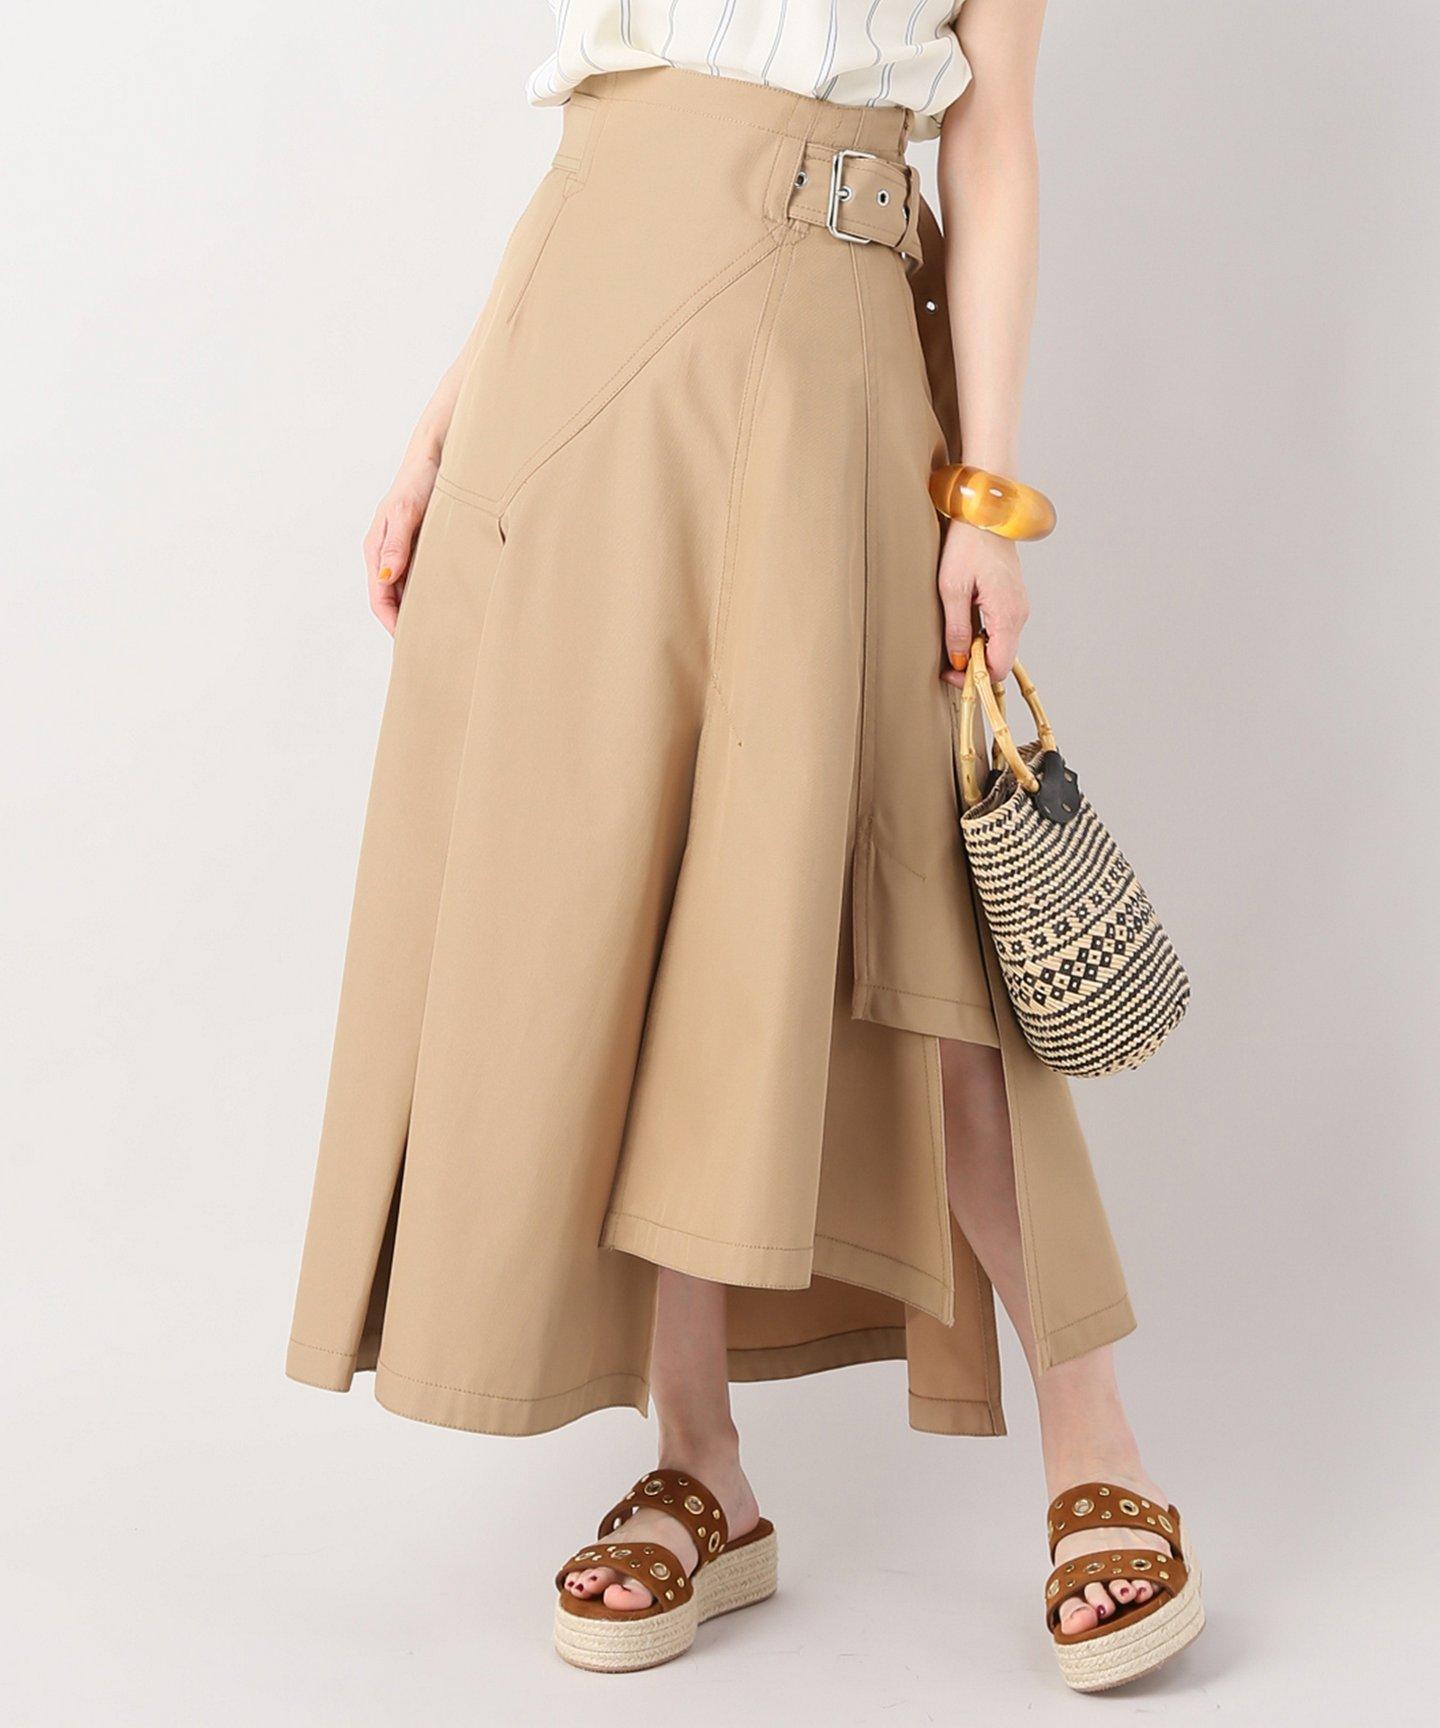 芸能人がこれで見納め!安室奈美恵引退スペシャル!!で着用した衣装スカート、ニット